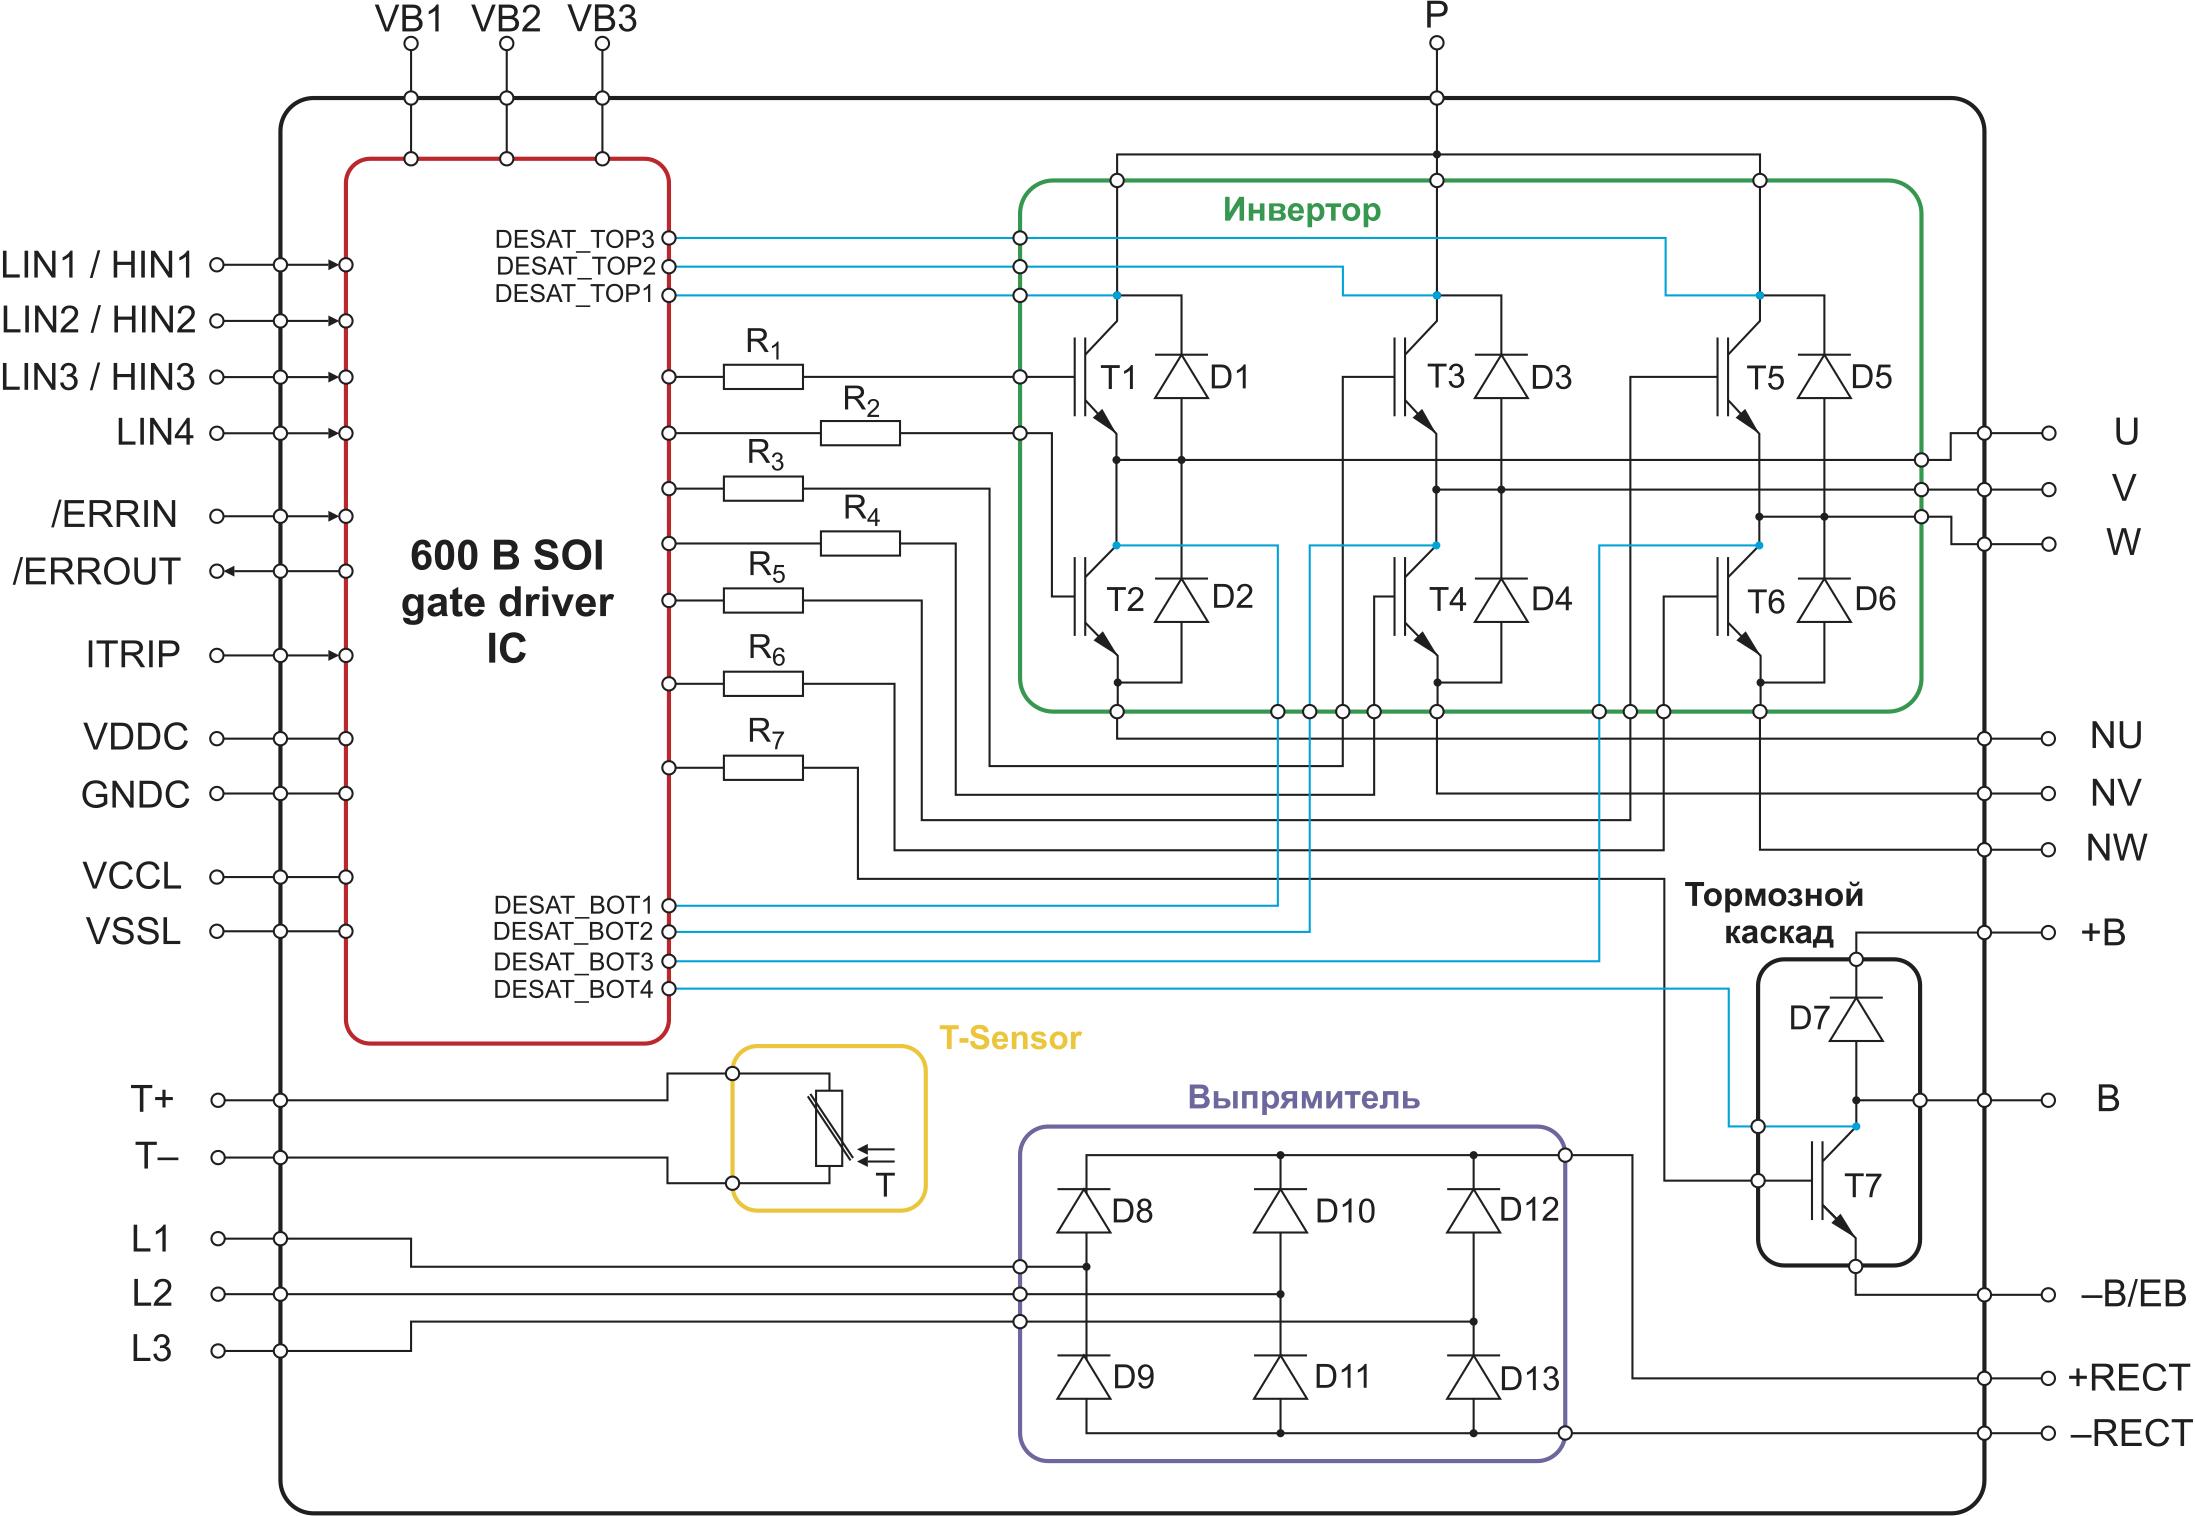 Функциональная схема модуля CIB (Converter/Inverter/Brake) с мониторингом VCE(sat)